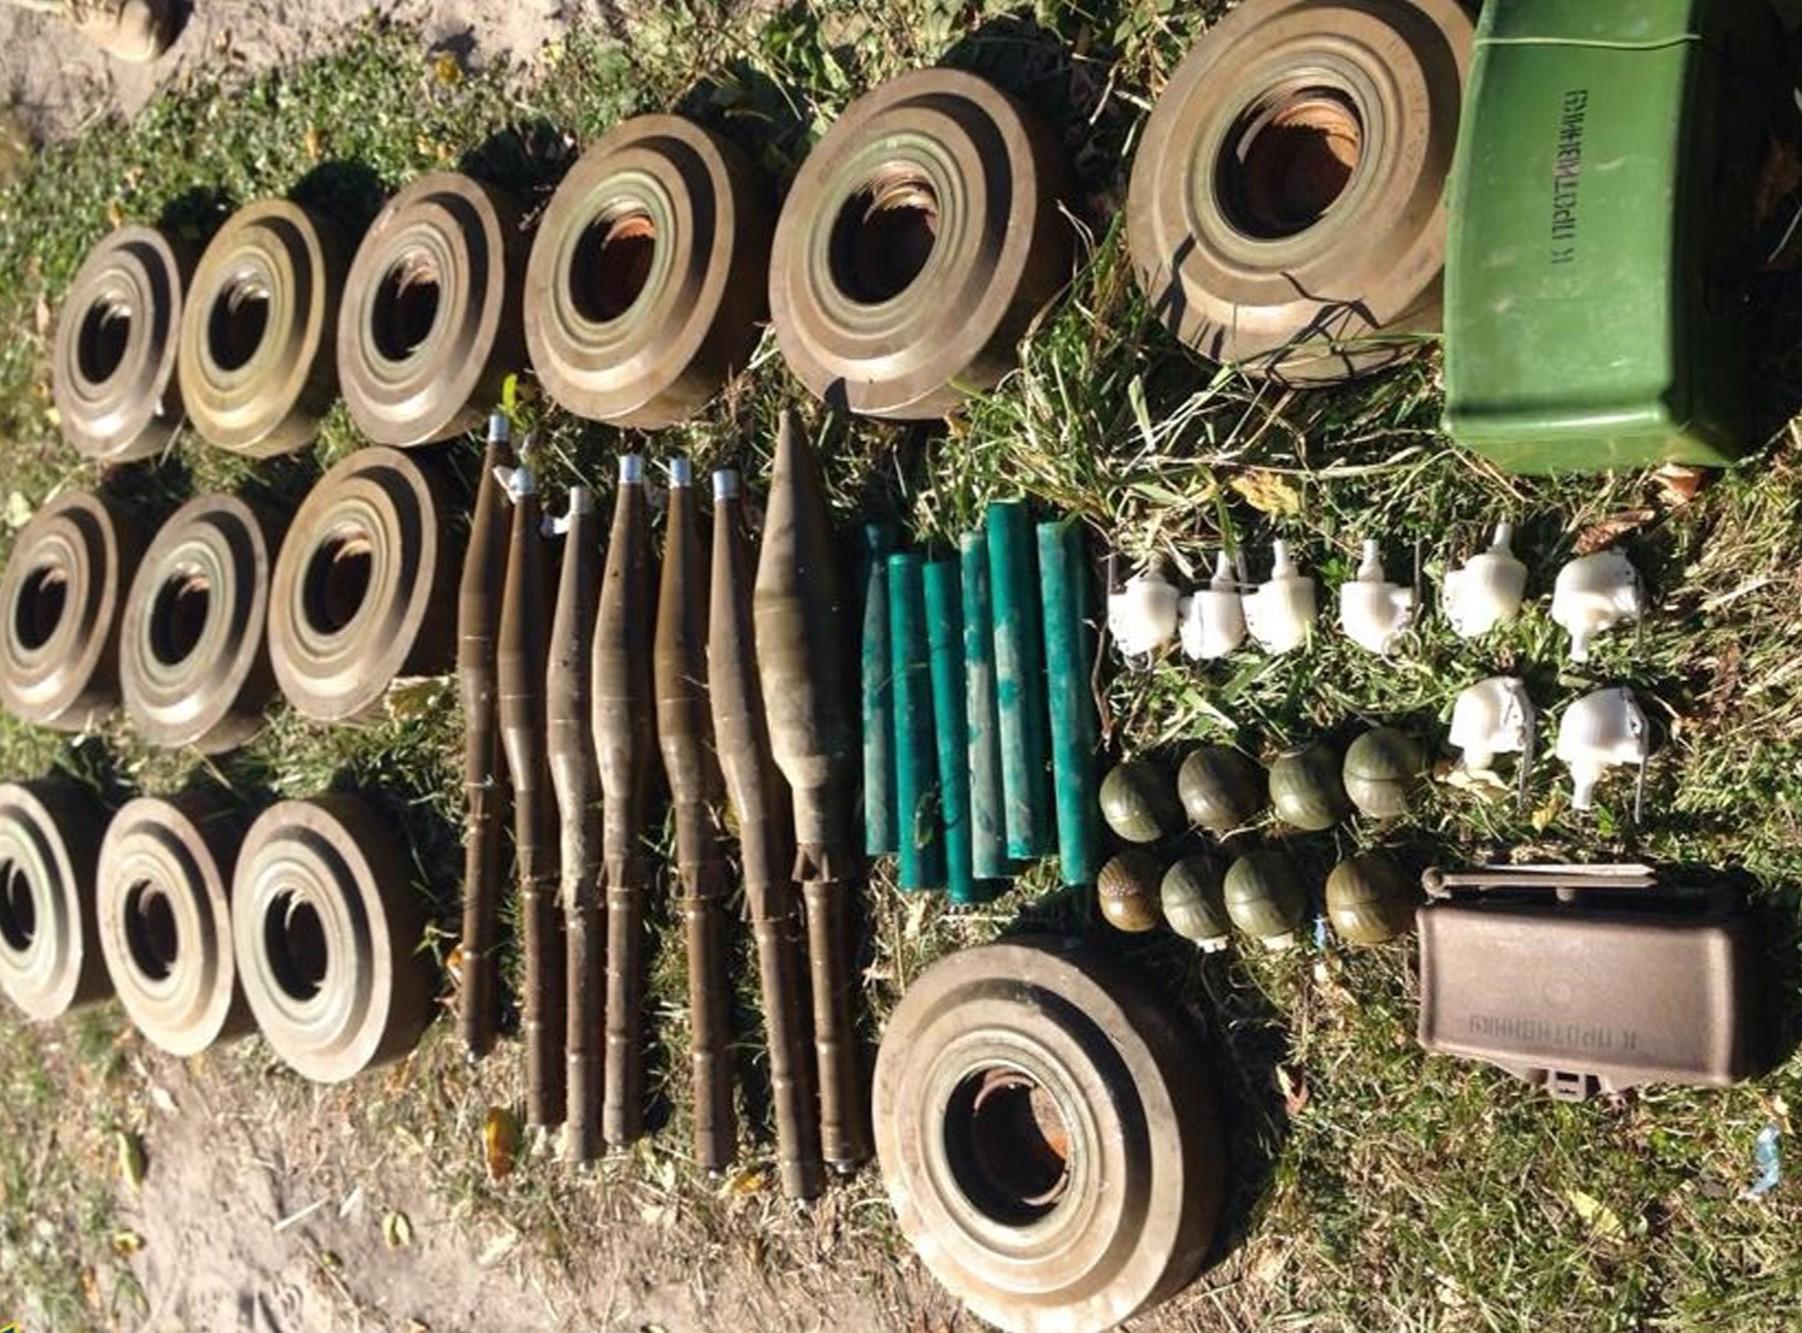 Предотвращены диверсии. В Луганской области нашли тайник с противотанковыми минами – СБУ